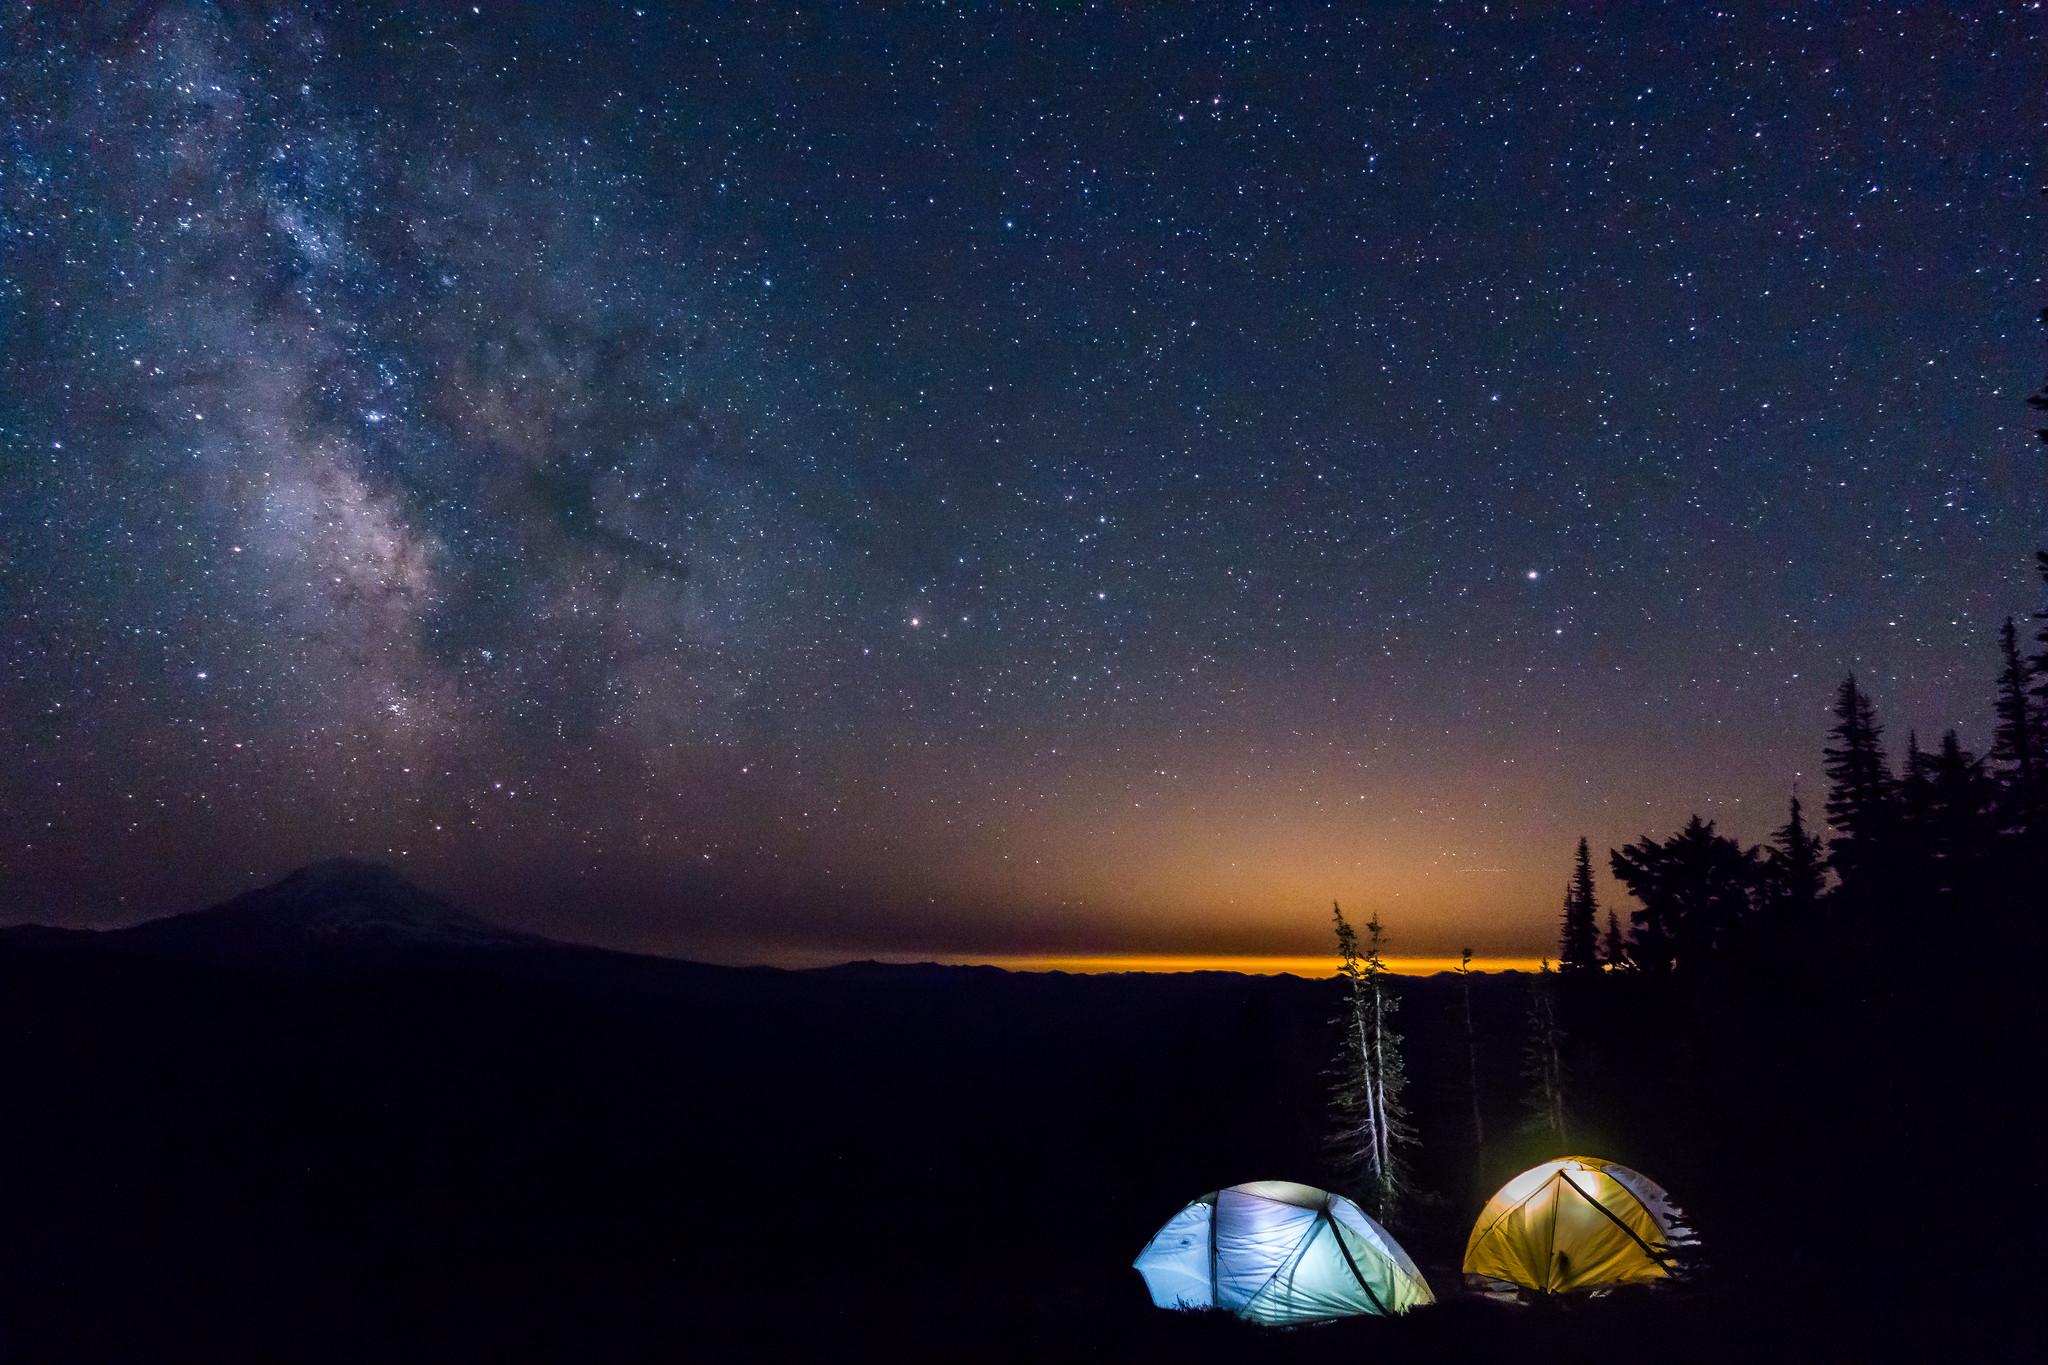 Tents at night. Photo by Patrick Sloan.jpg